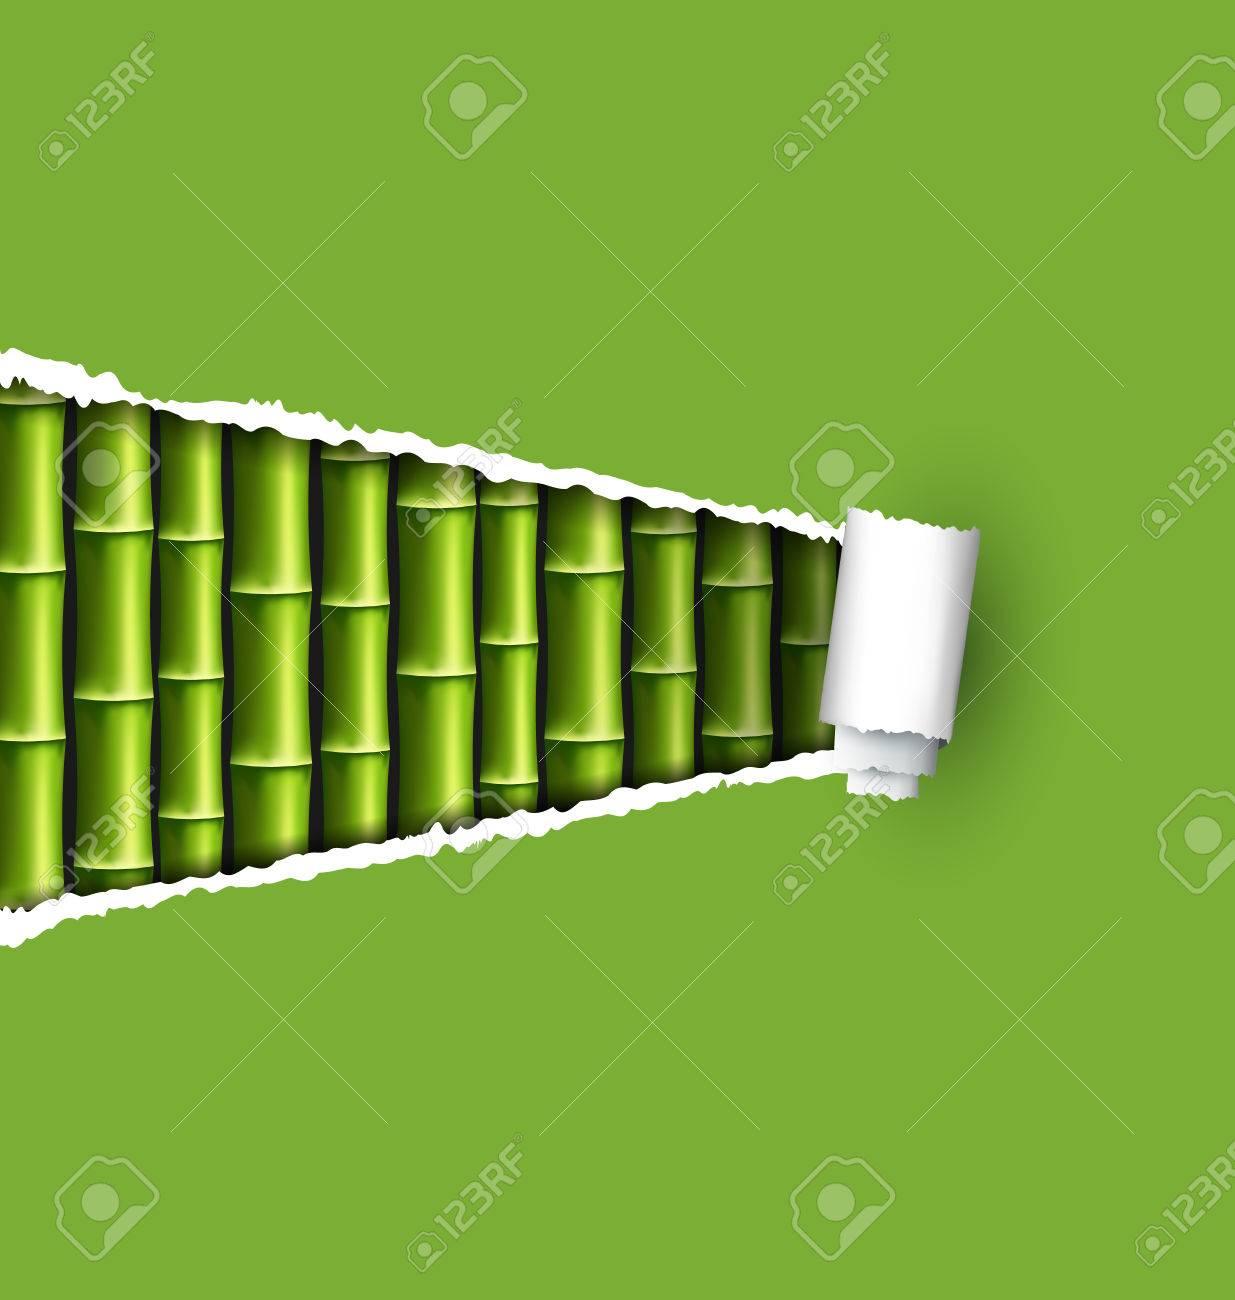 Grune Bambushain Mit Zerrissenen Papier Rahmen Isoliert Auf Weissem